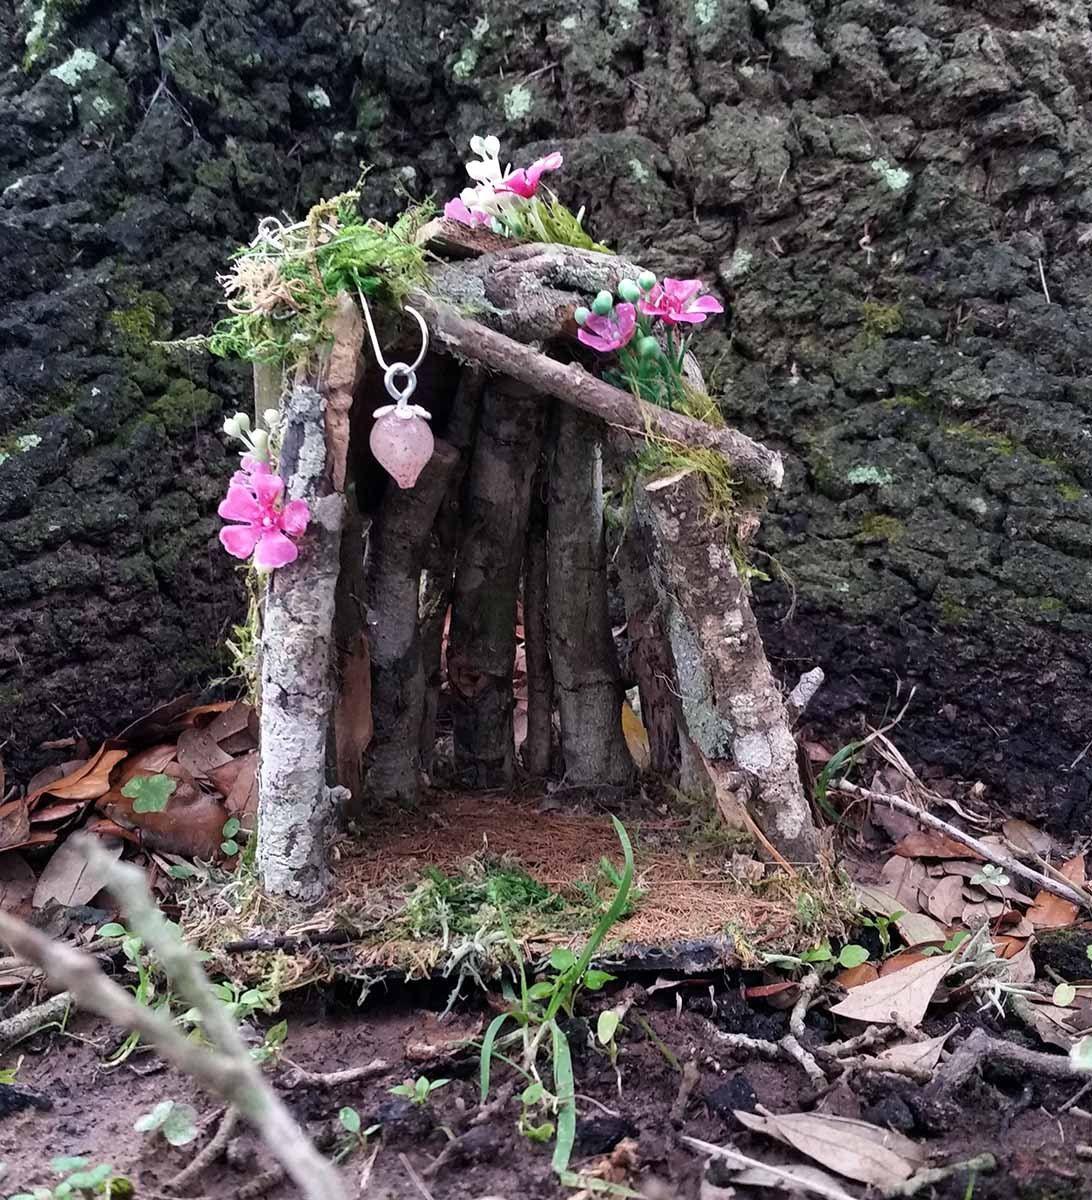 Fairy House, Outdoor Fairy House, Fairy Garden House, Terrarium House,  Gnome House, Terrarium Kit, Miniature Fairy House, Fairy Garden Home